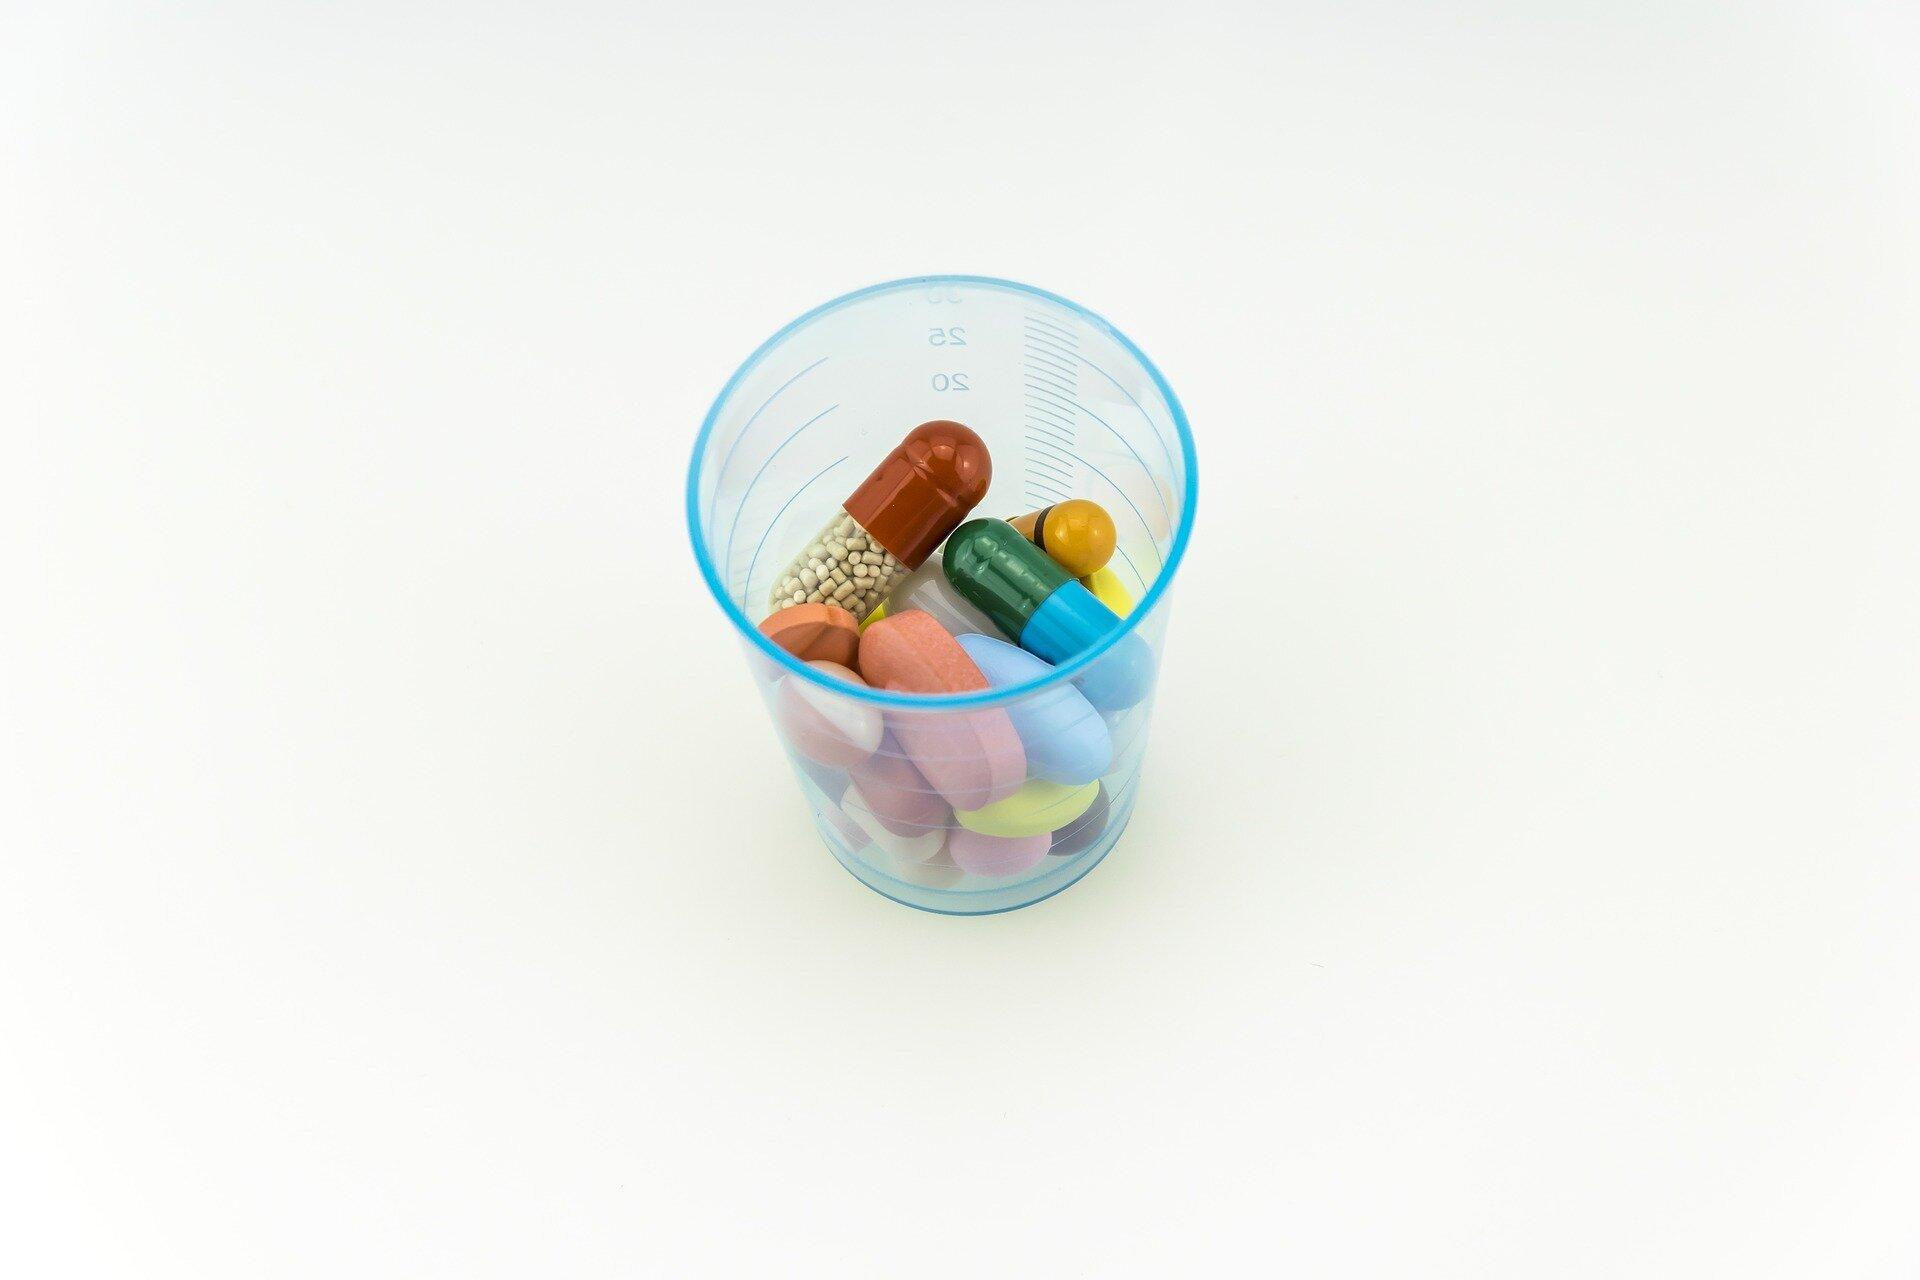 Der mangelnde Zugang zu Antibiotika ist ein großes globales Gesundheitsproblem